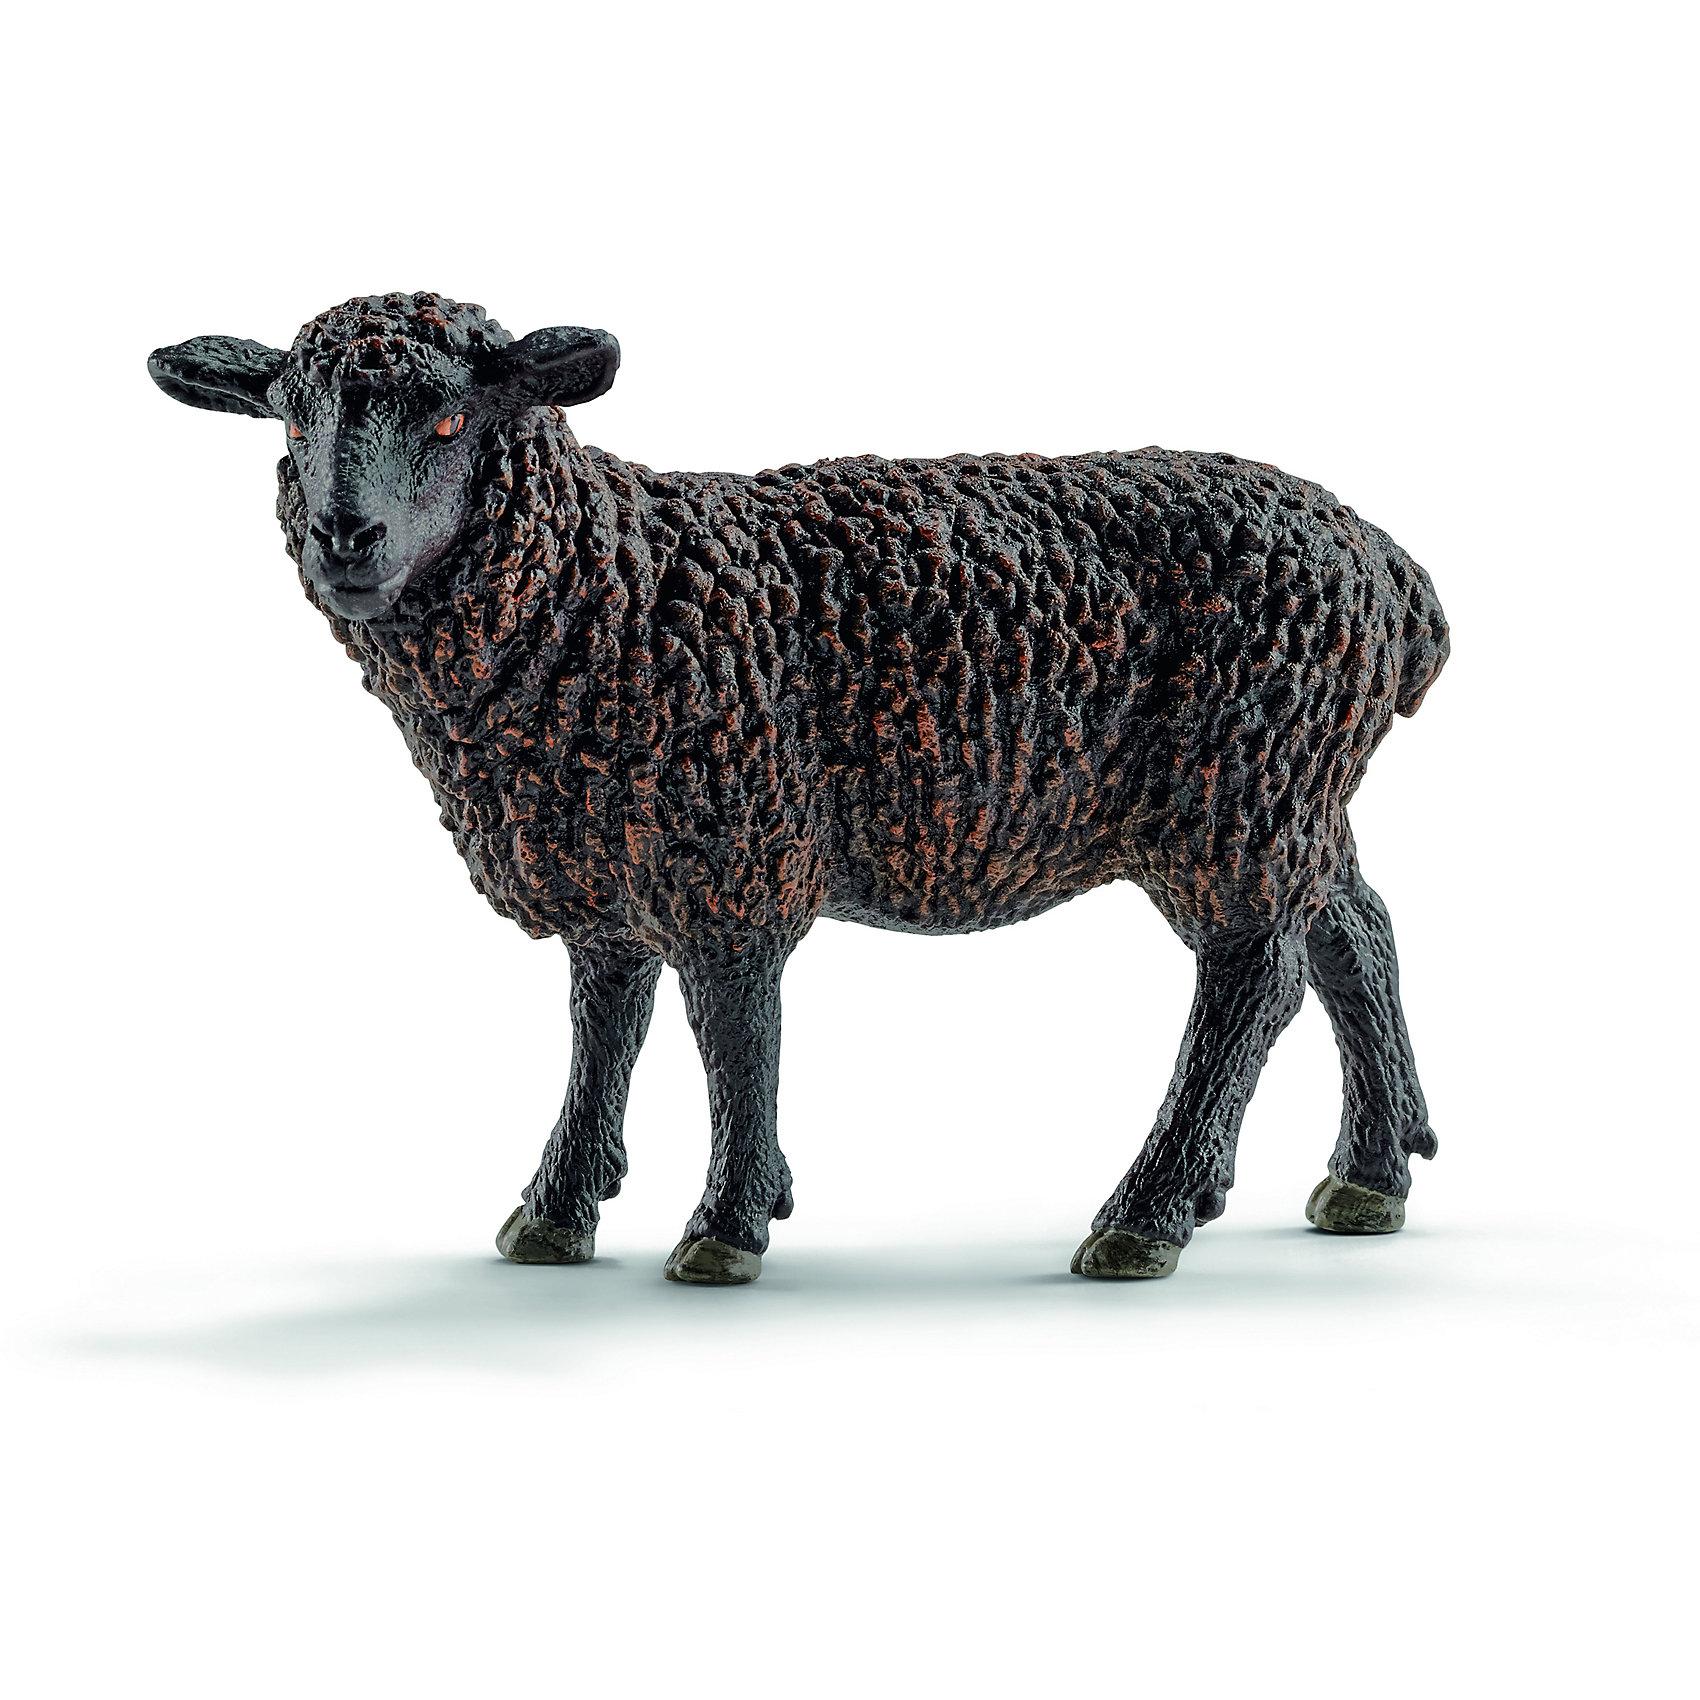 Черная овечка, SchleichЧерная овечка, Schleich (Шляйх) – это высококачественная коллекционная и игровая фигурка.<br>Фигурка Черной овечки прекрасно разнообразит игру вашего ребенка и станет отличным пополнением коллекции его фигурок животных. Типичный цвет овечьей шерсти белый, но иногда рождаются черные ягнята. Держать чёрных овец было коммерчески невыгодно, так как их шерсть низко ценилась, её невозможно было выкрасить в желаемый цвет. Поэтому чёрных овец отбраковывали, не допуская к размножению. Во многих европейских языках аналогом русского выражения «белая ворона» является «чёрная овца». <br>Прекрасно выполненные фигурки Schleich (Шляйх) являются максимально точной копией настоящих животных и отличаются высочайшим качеством игрушек ручной работы. Каждая фигурка разработана с учетом исследований в области педагогики и производится как настоящее произведение для маленьких детских ручек. Все фигурки Schleich (Шляйх) сделаны из гипоаллергенных высокотехнологичных материалов, раскрашены вручную и не вызывают аллергии у ребенка.<br><br>Дополнительная информация:<br><br>- Размер фигурки: 6,5 x 9 x 3,5 см.<br>- Материал: высококачественный каучуковый пластик<br><br>Фигурку Черной овечки, Schleich (Шляйх) можно купить в нашем интернет-магазине.<br><br>Ширина мм: 98<br>Глубина мм: 90<br>Высота мм: 32<br>Вес г: 57<br>Возраст от месяцев: 36<br>Возраст до месяцев: 96<br>Пол: Унисекс<br>Возраст: Детский<br>SKU: 3902509